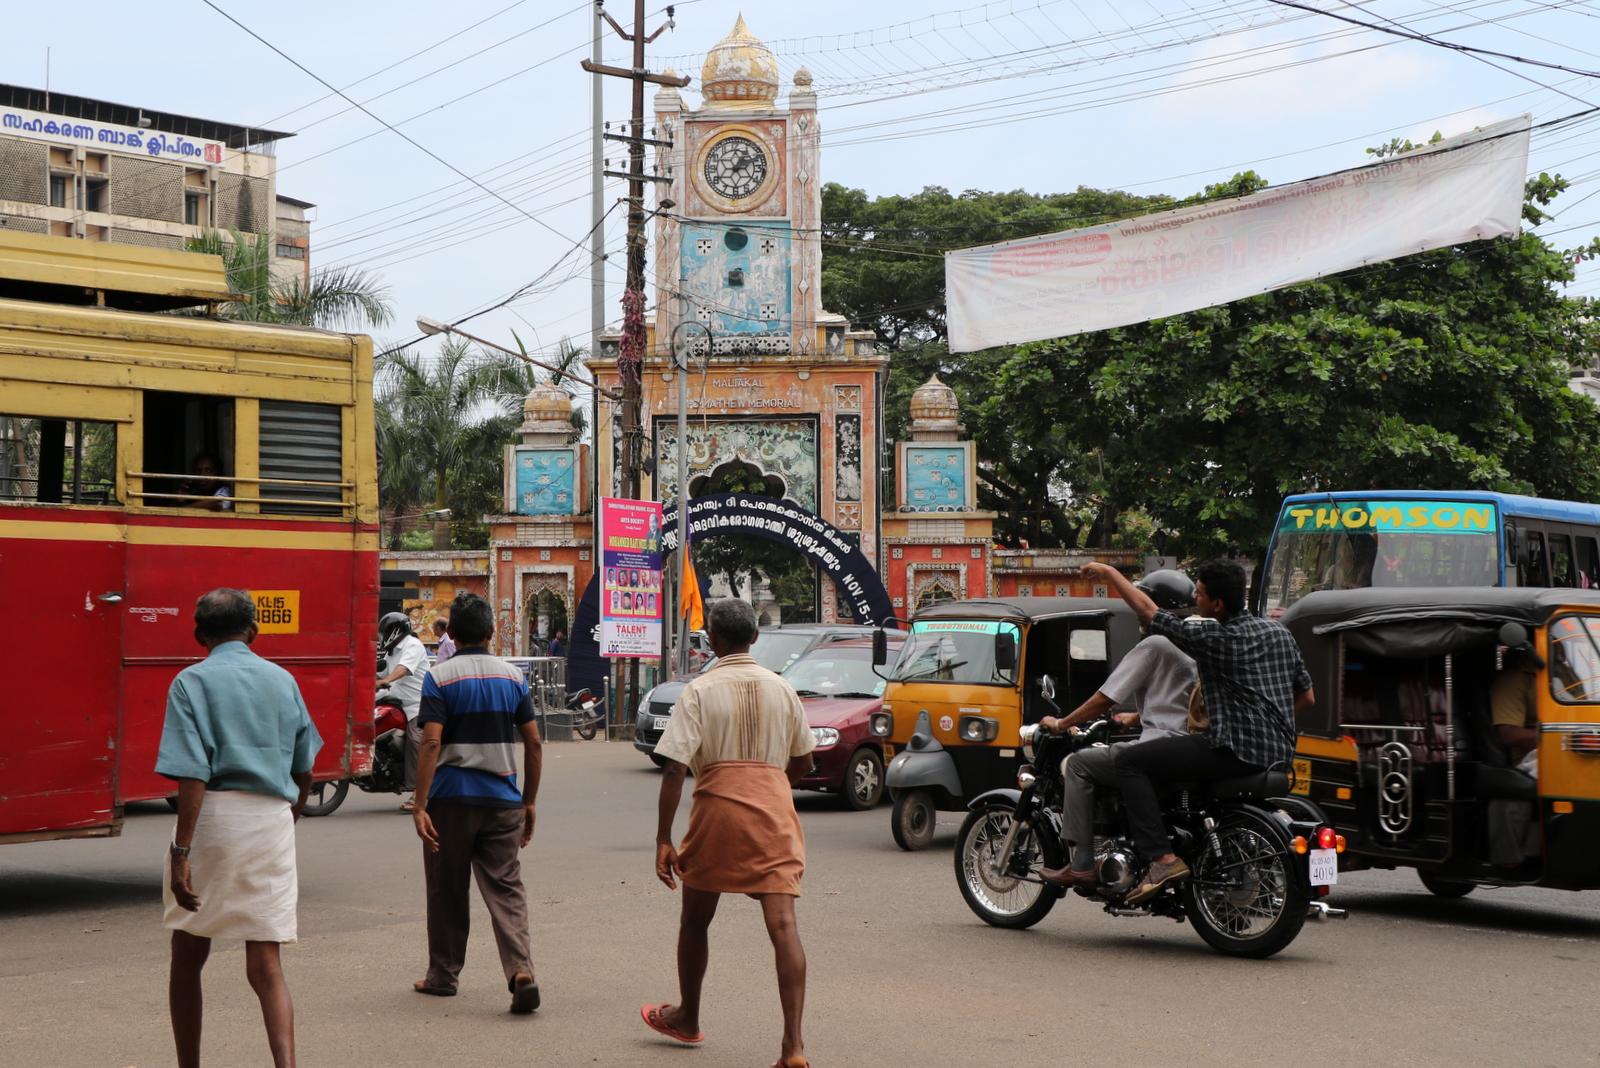 Kottayamin keskustaa. Nuo miehet eivät ole liikkeellä pyyhe päällä - vaate on nimeltään lungi ja se on Keralassa hyvin tavallinen näky.